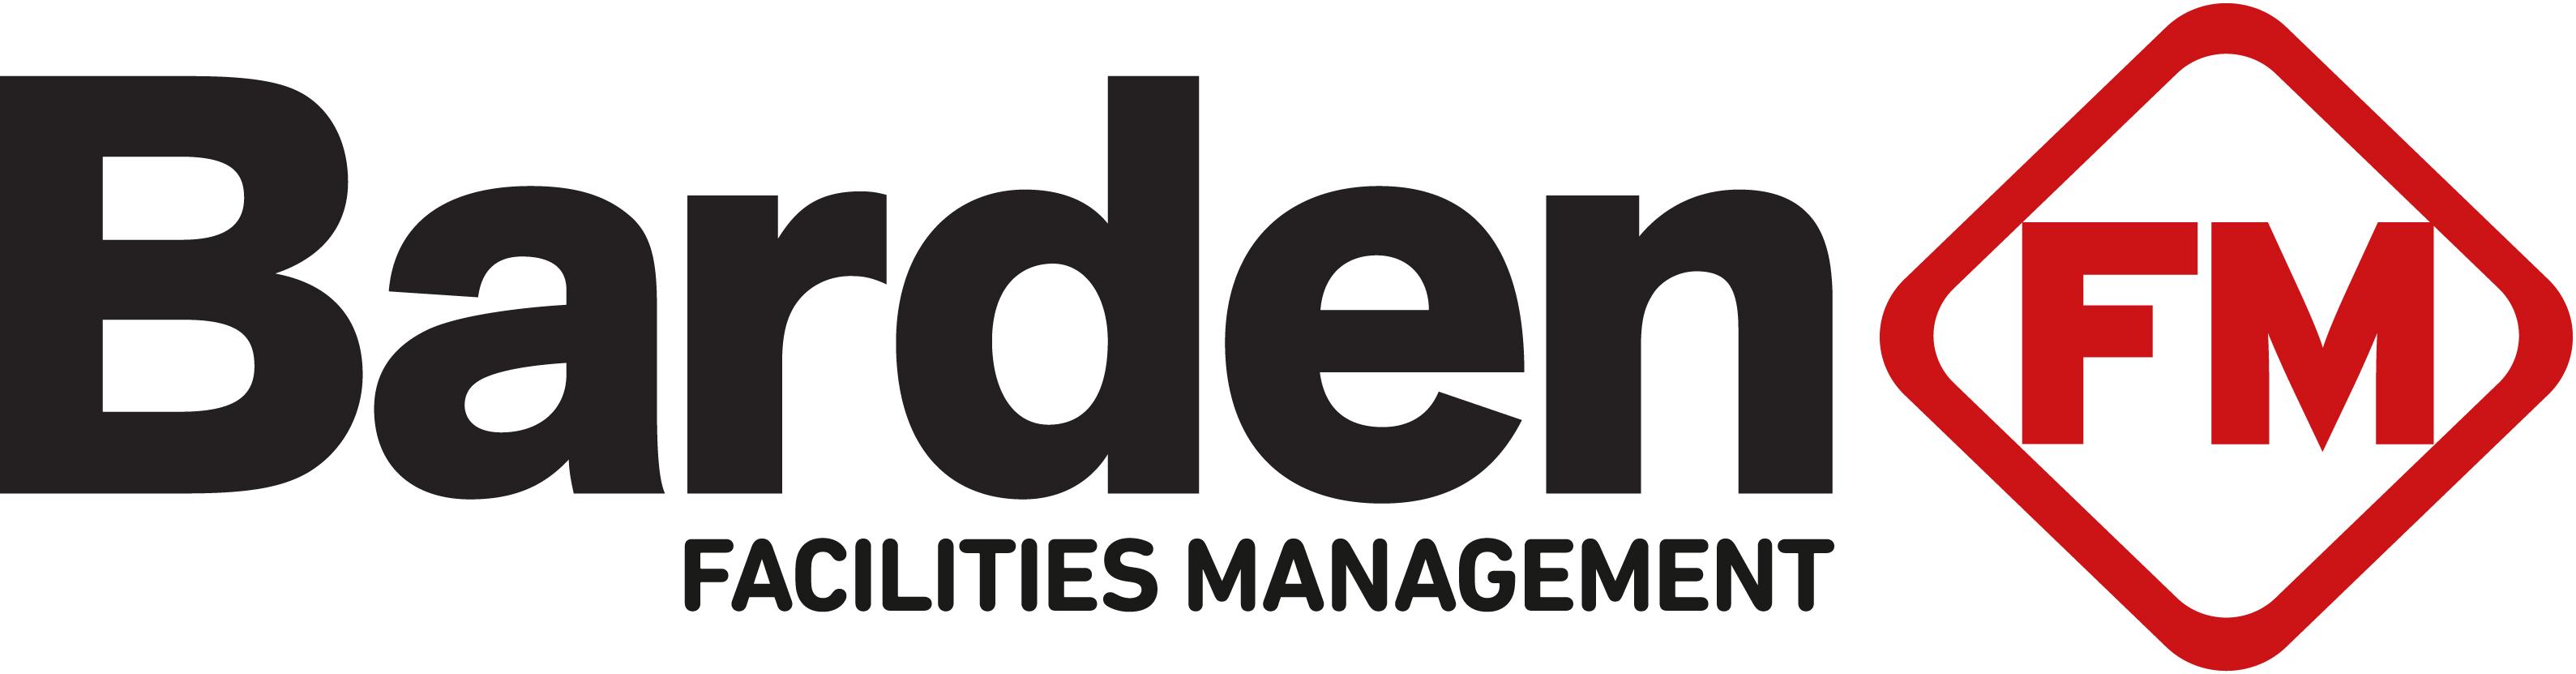 Barden FM